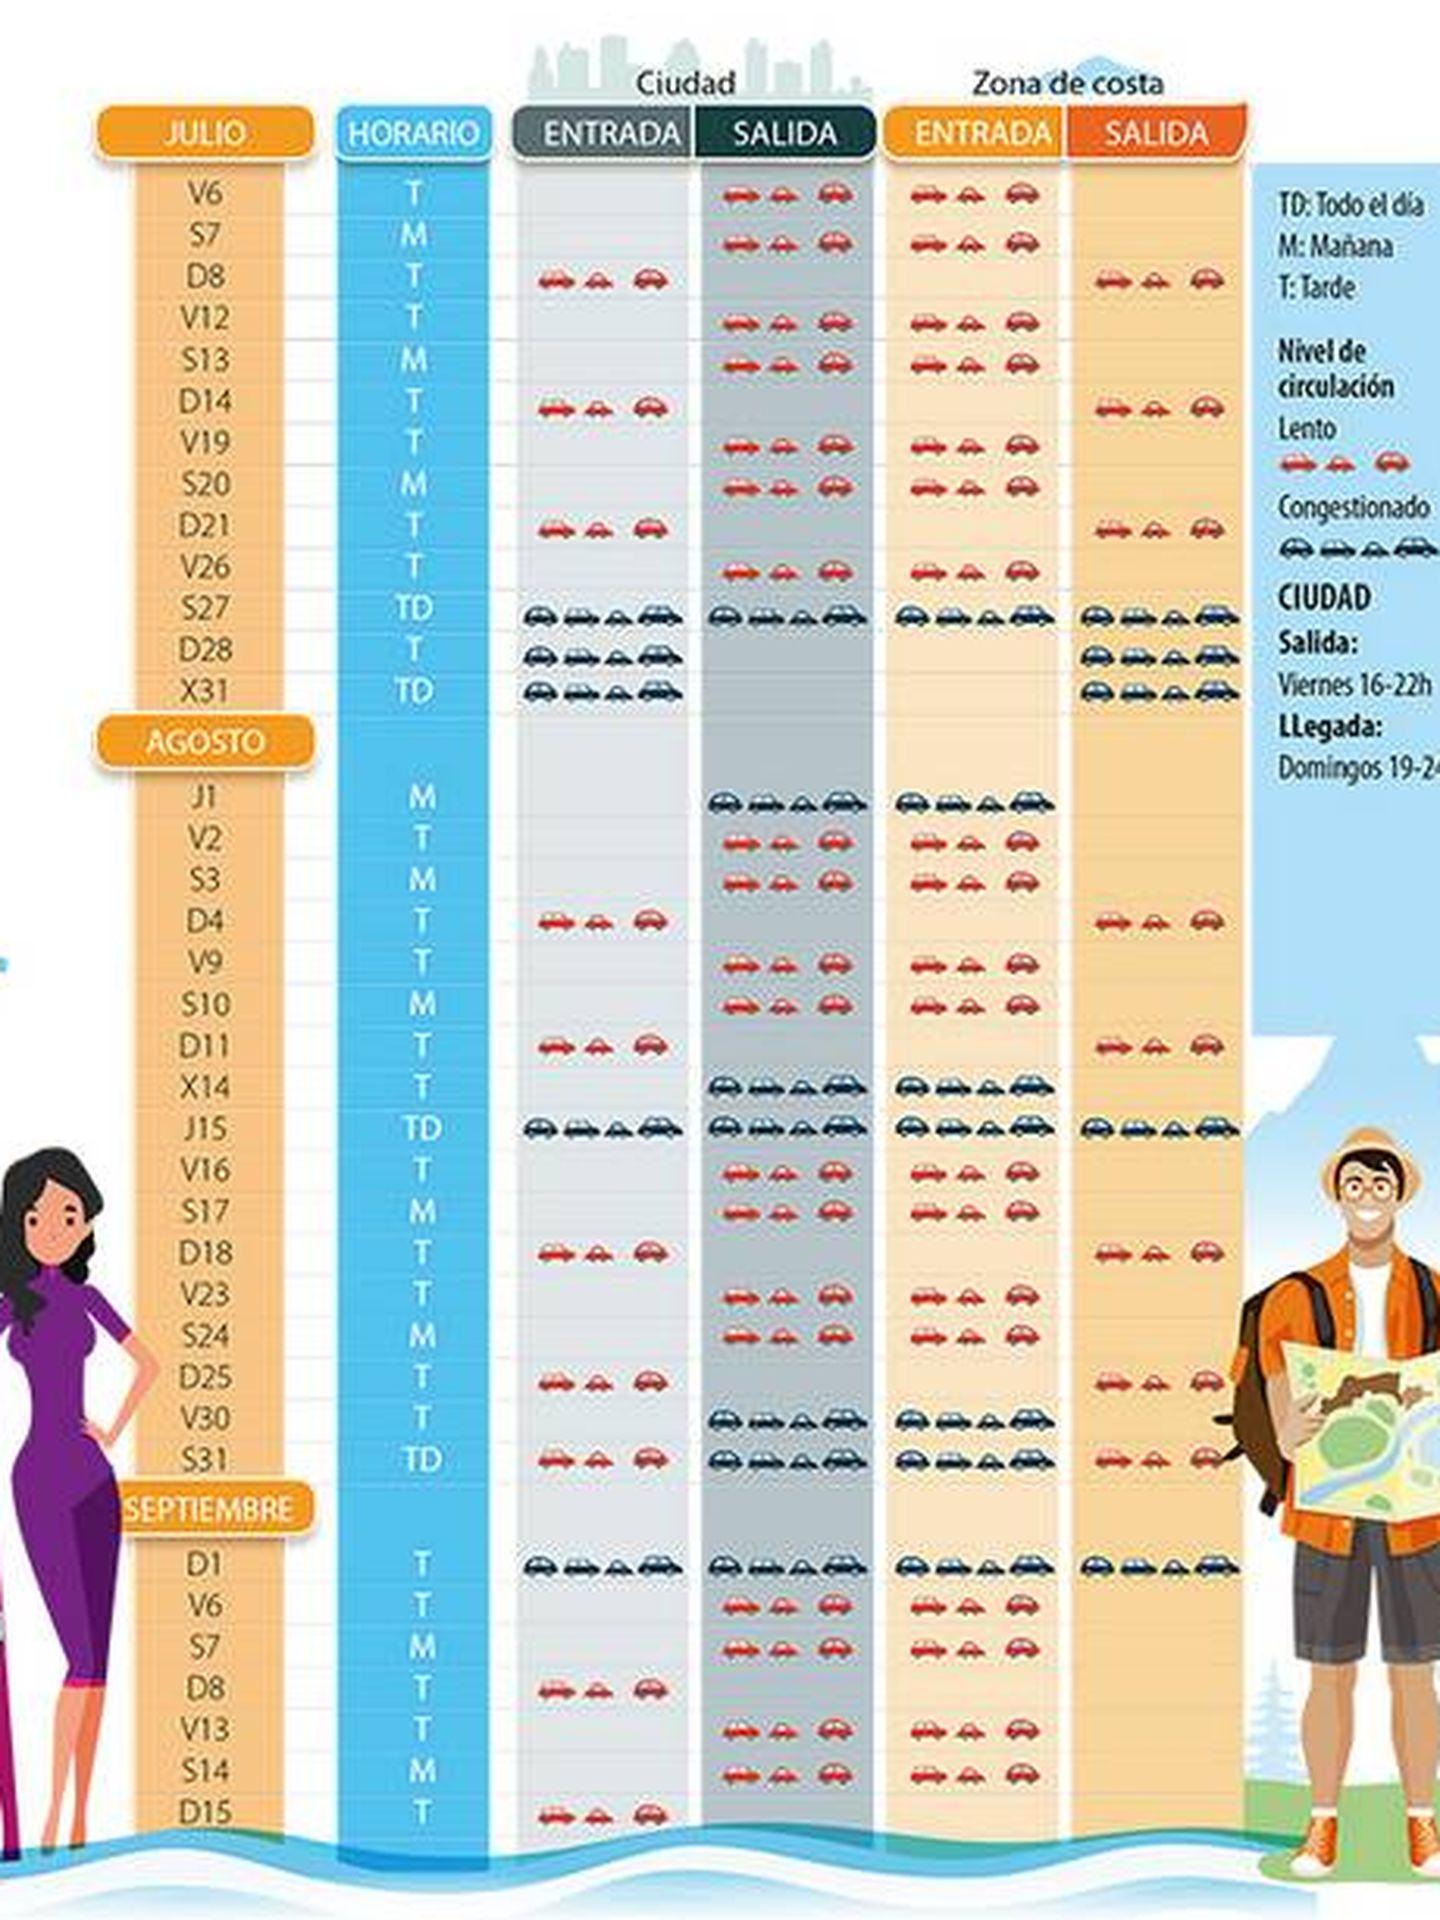 Estado del tráfico por días y horas en verano (DGT)